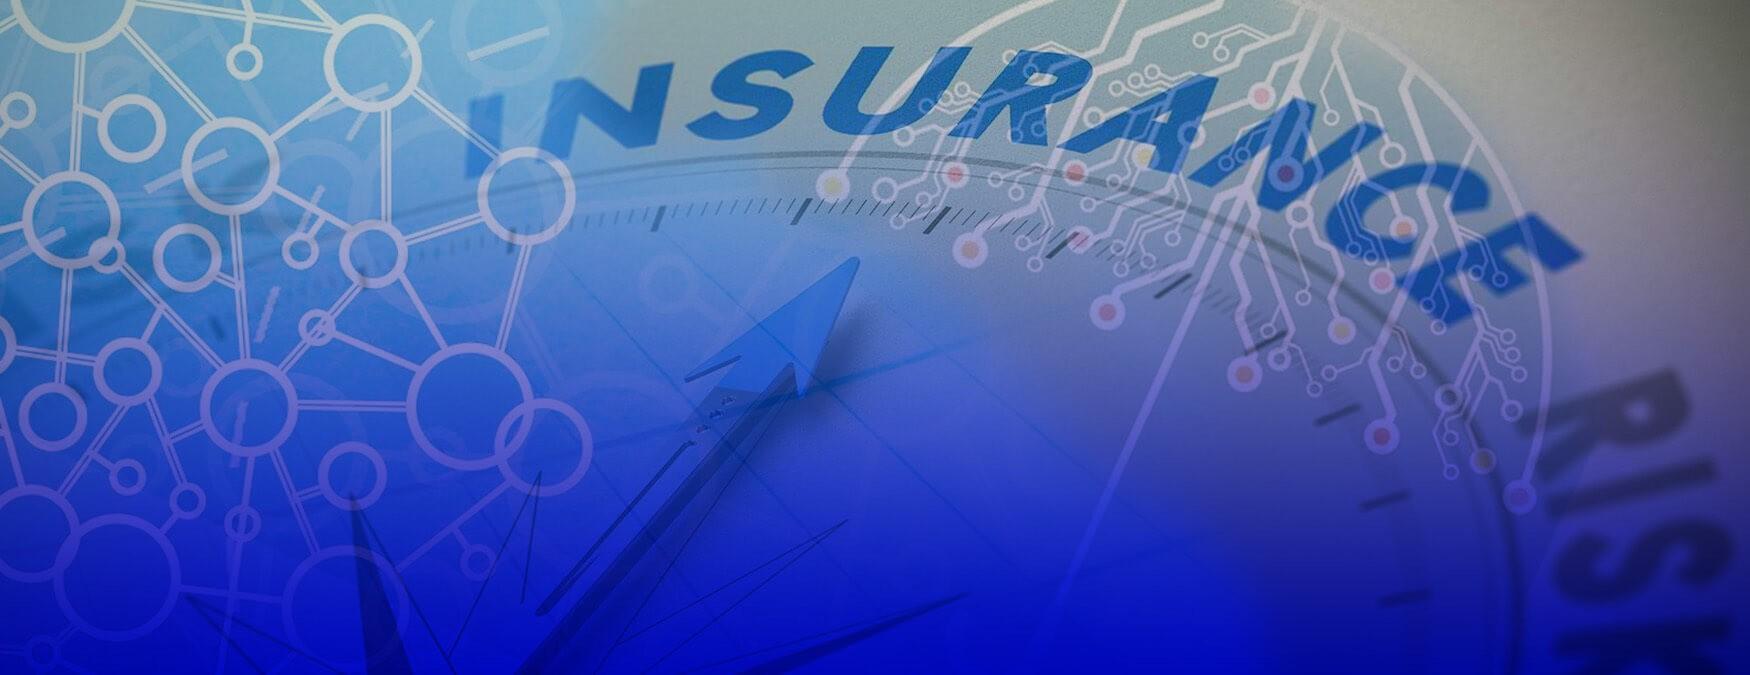 Insurance Image - AGR